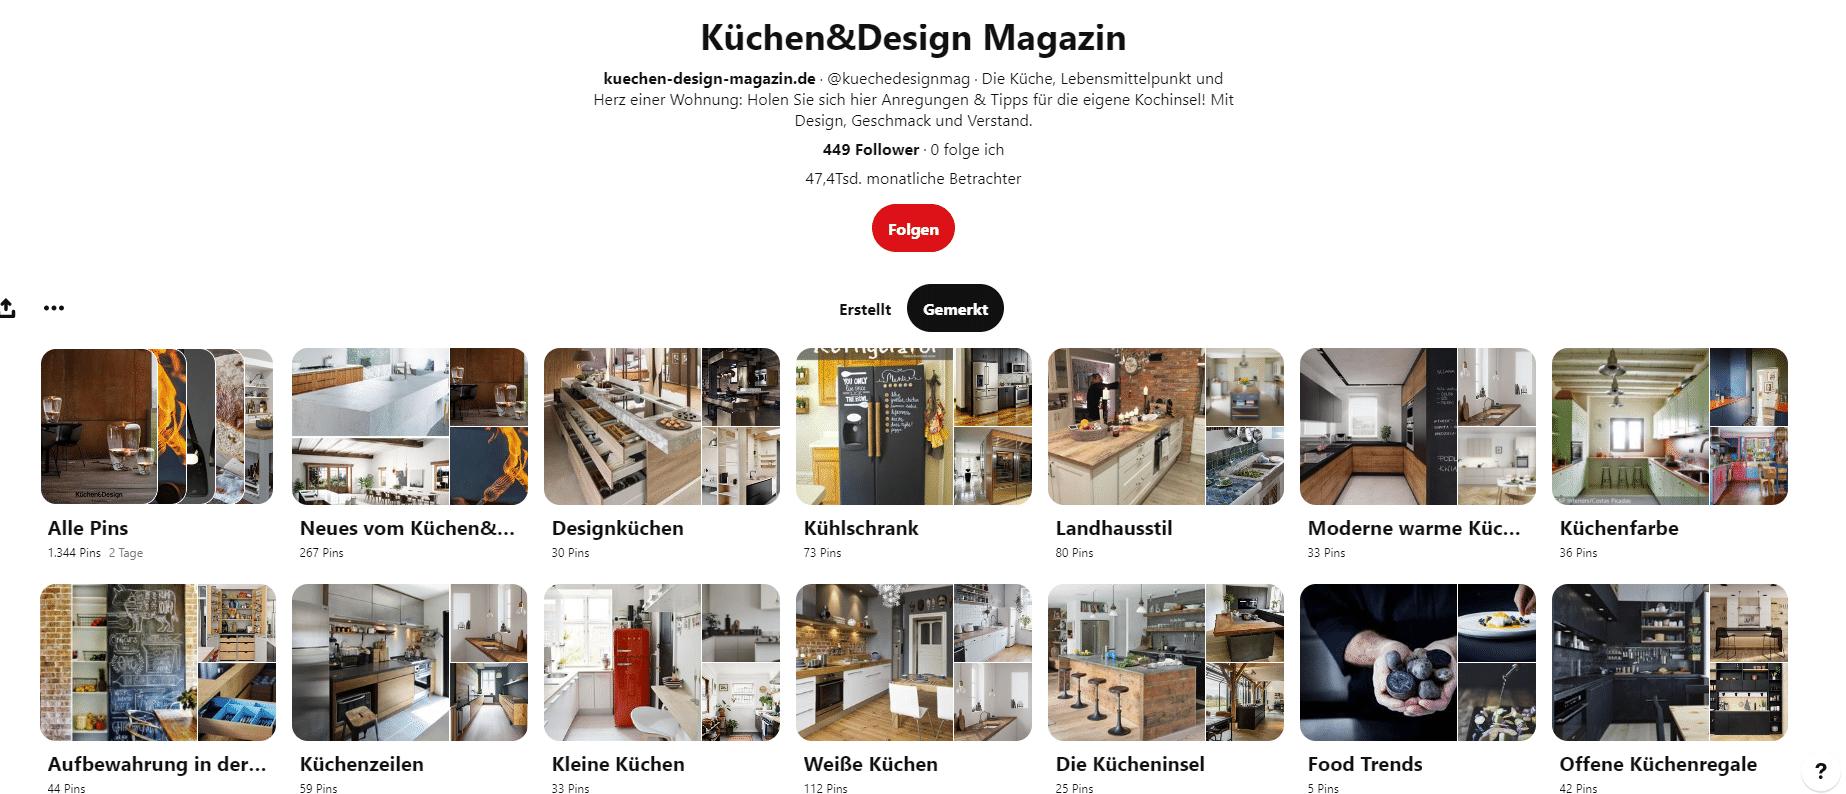 """Inspiration ist alles: bevor Sie anfangen, Ihre Küche mit dem Studio zu planen, sollten Sie ein Moodboard zusammenstellen mit Stilen, Accessoires, """"Must Haves"""" und """"Can Haves"""". Eine große Auswahl an Pins bietet z.B. das Küchen&Design Magazin auf Pinterest. (Foto: Küchen&Design Magazin)"""